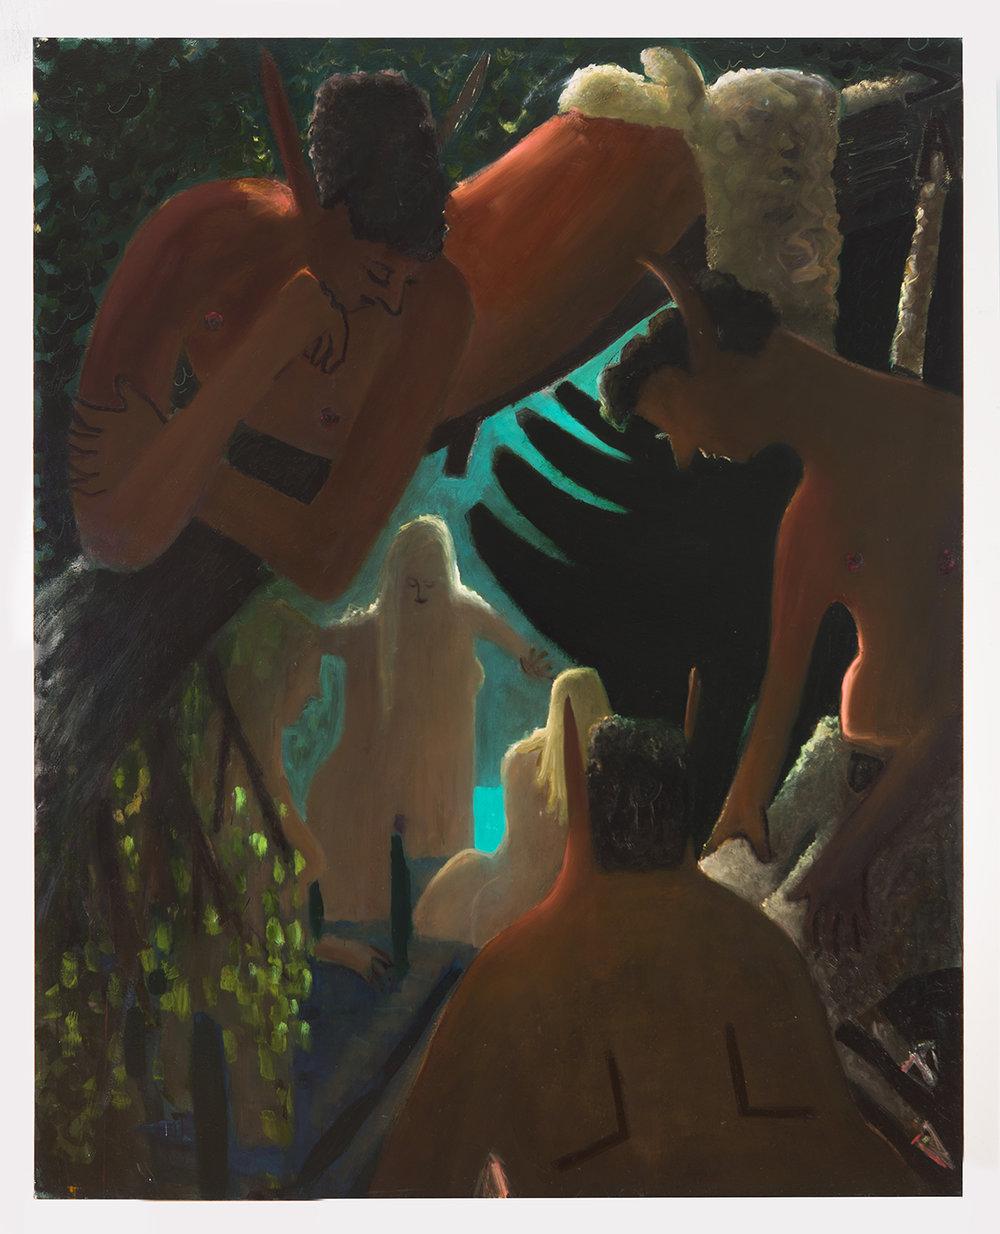 Kyle Staver at Kent Fine Art - 2016 | Huffington Post | William E. Kohler